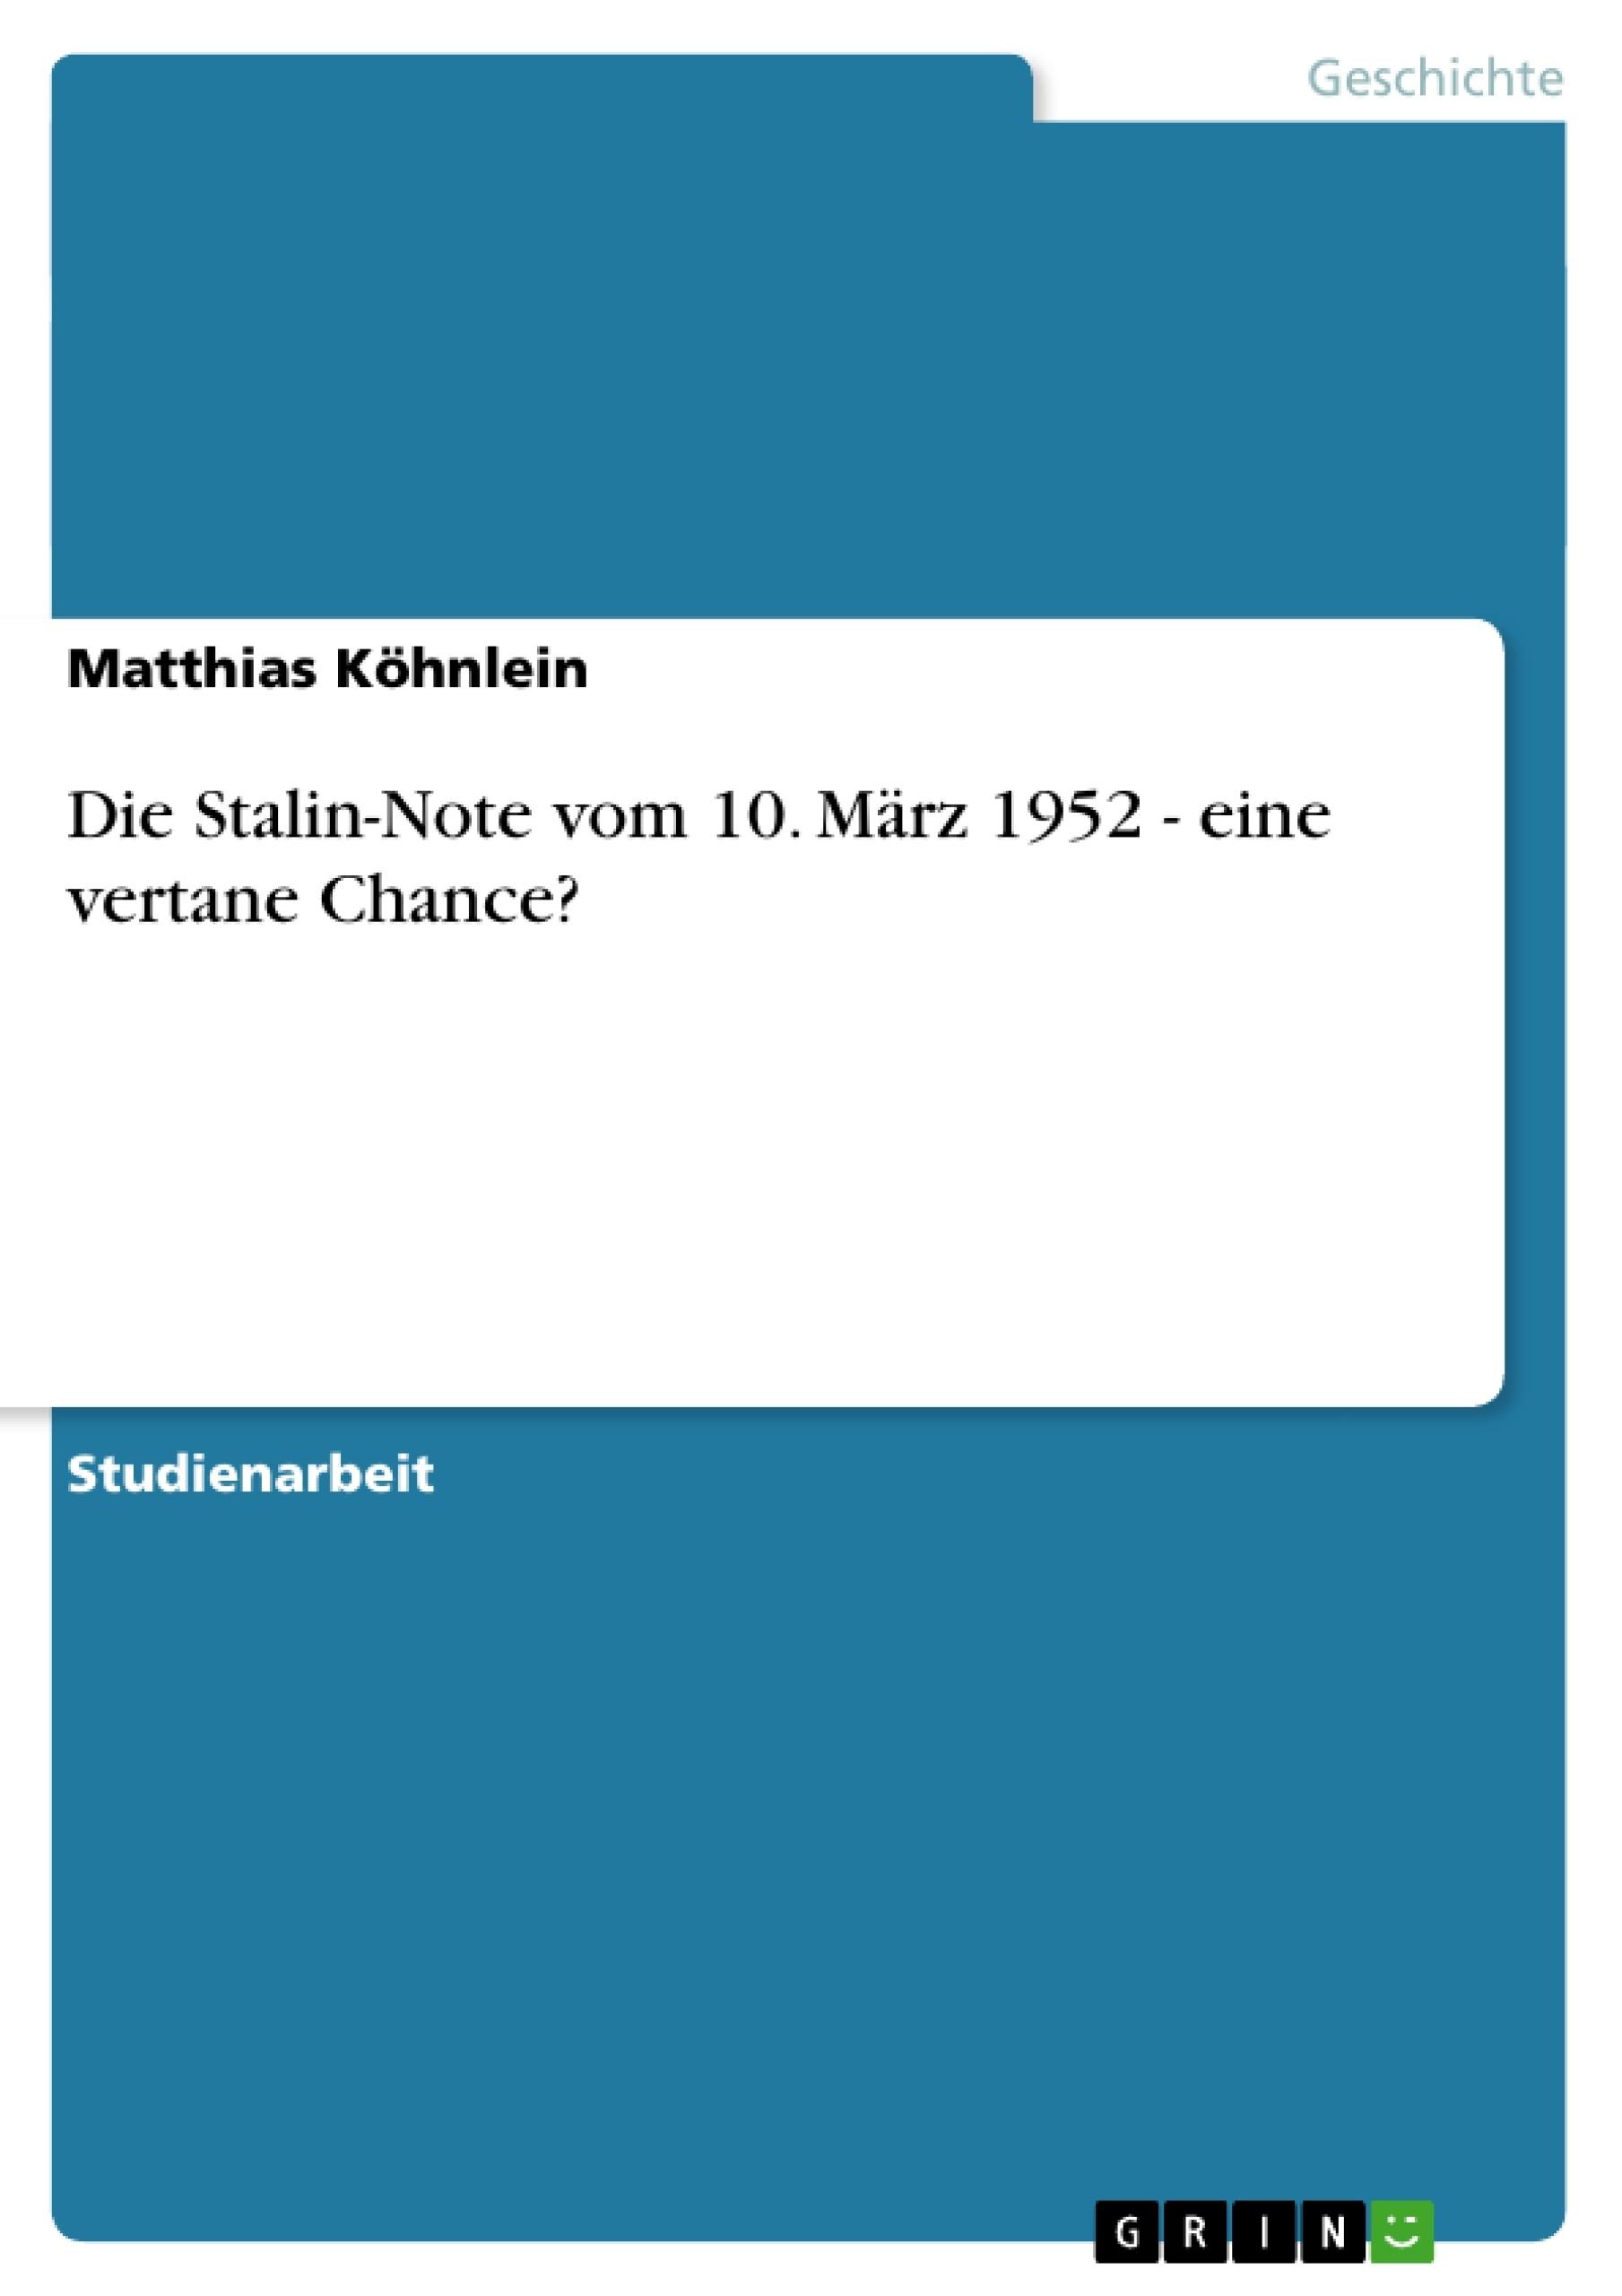 Titel: Die Stalin-Note vom 10. März 1952 - eine vertane Chance?